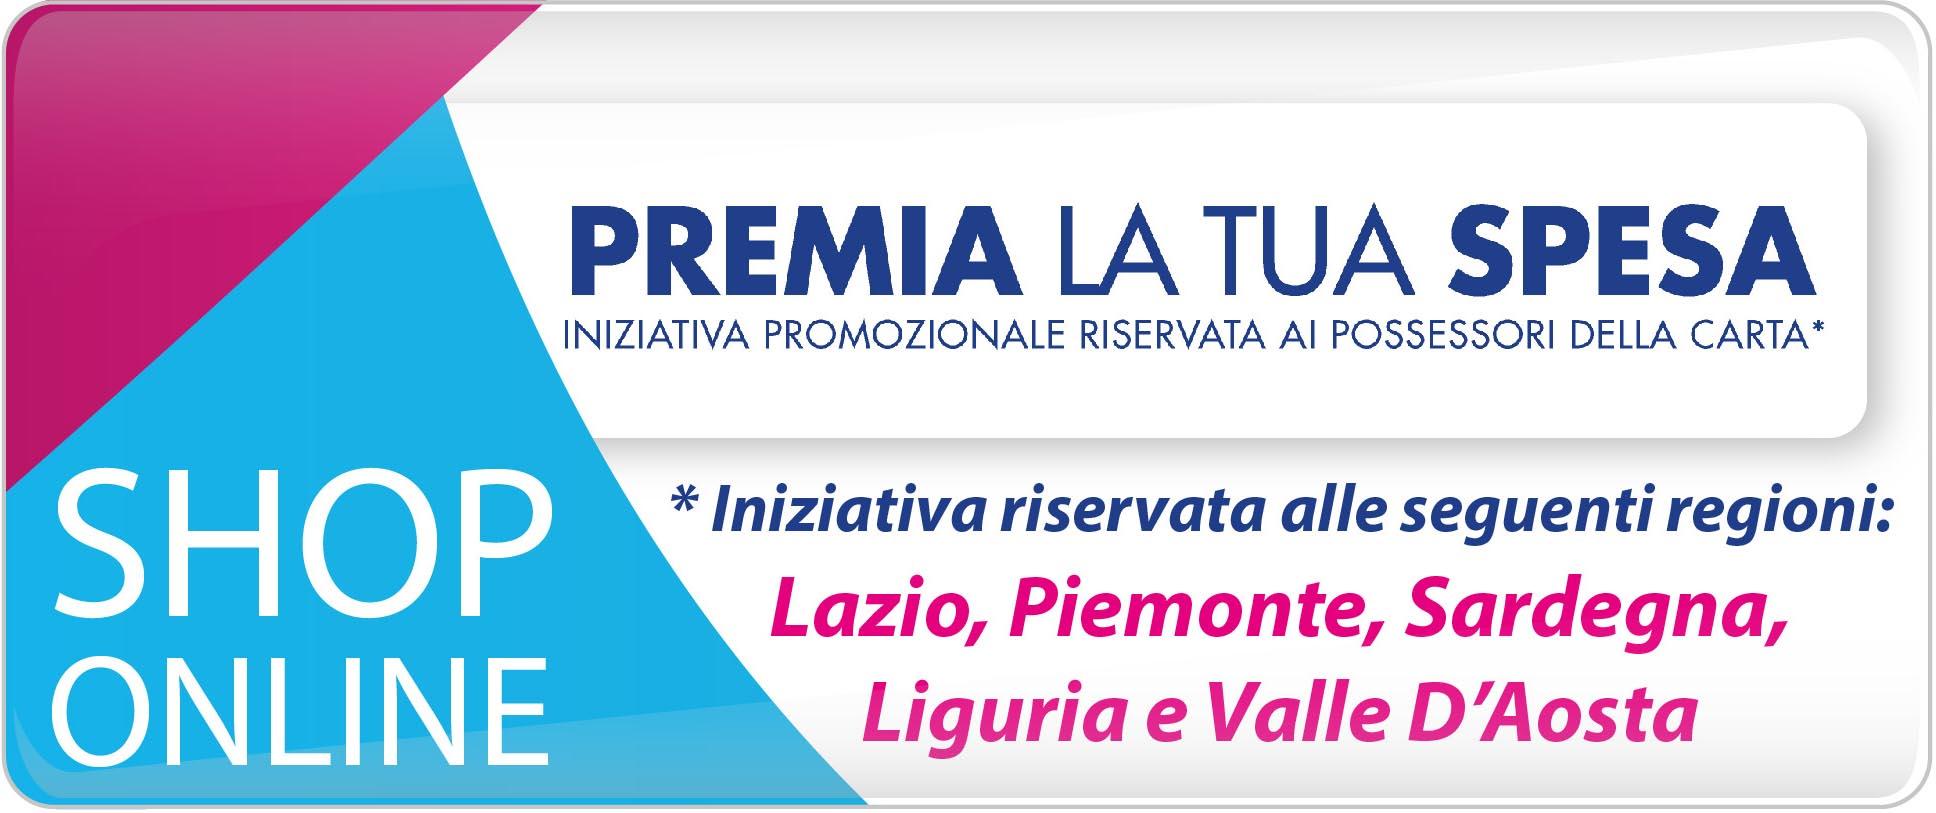 Catalogo Premium - Prenota Online